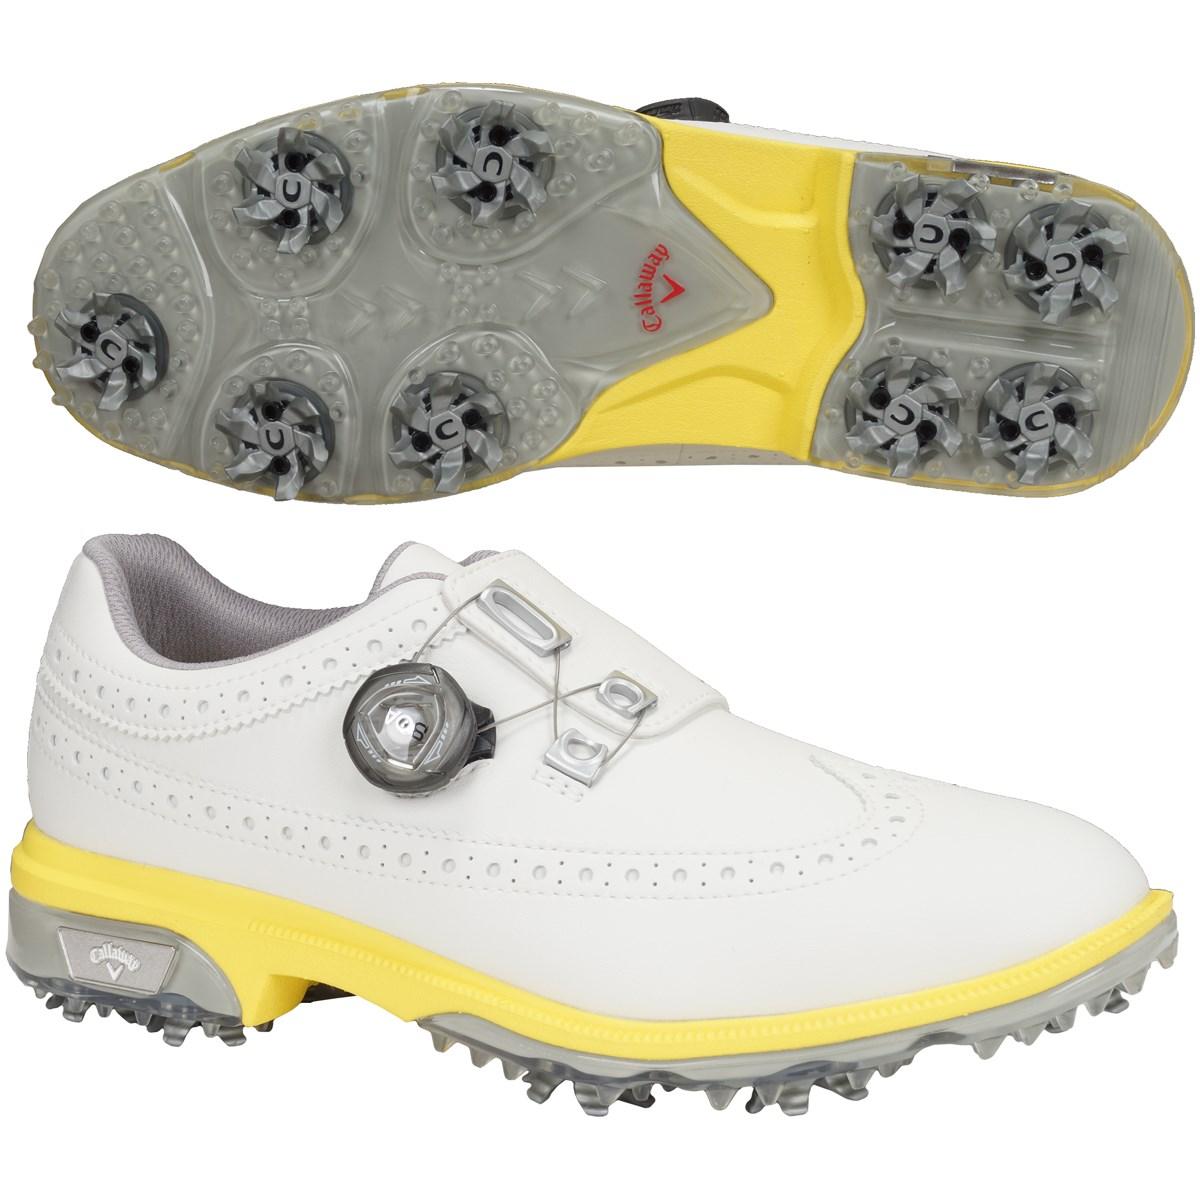 キャロウェイゴルフ(Callaway Golf) TOURPRECISION BOA WM 18 ゴルフシューズレディス